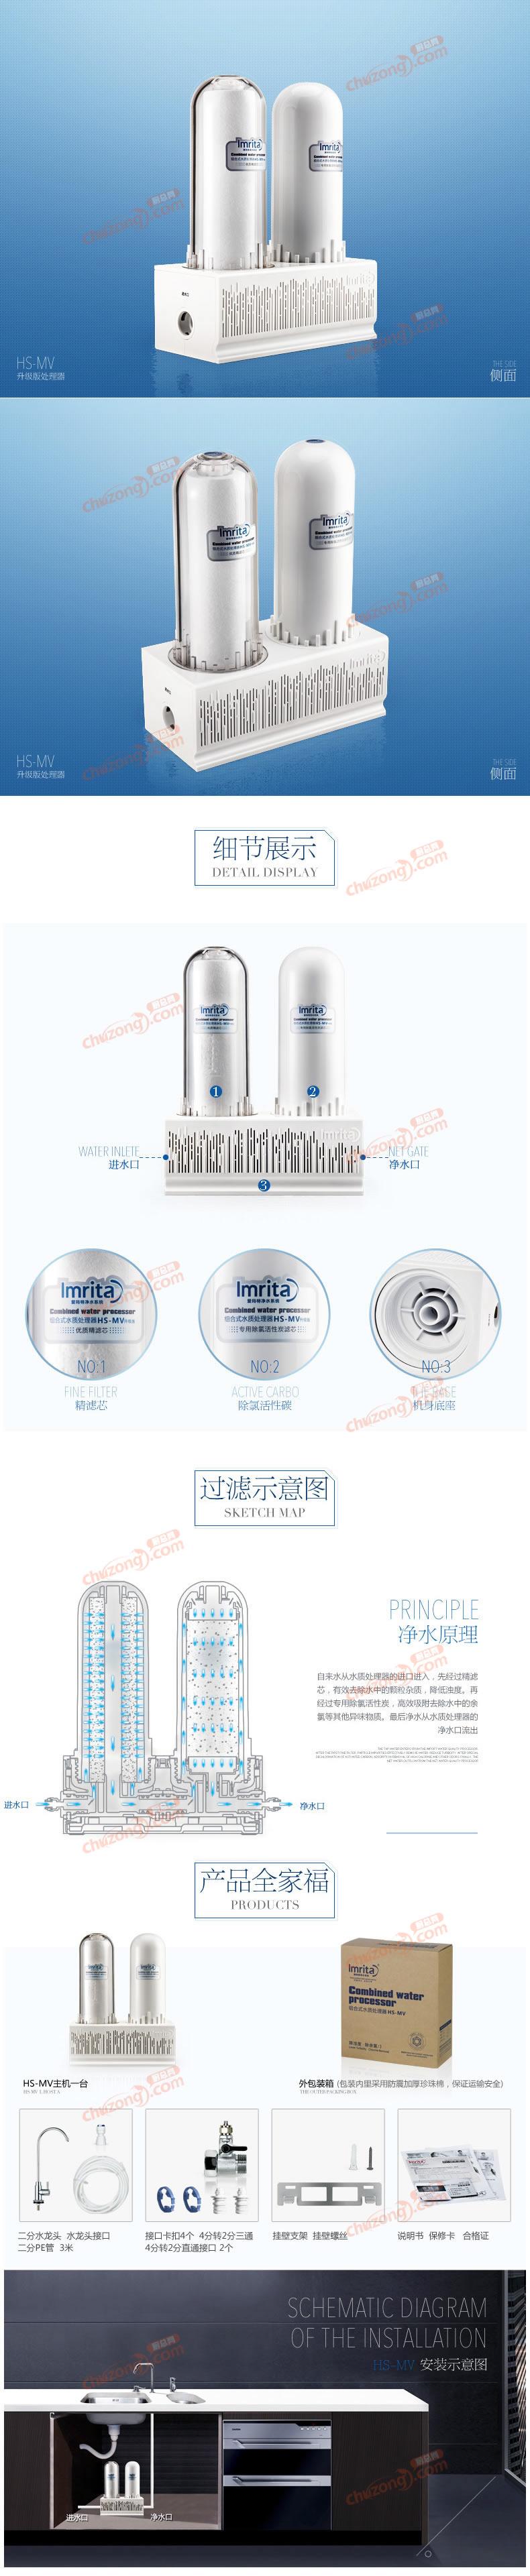 爱玛特组合式水质处理器HS-MV详情图